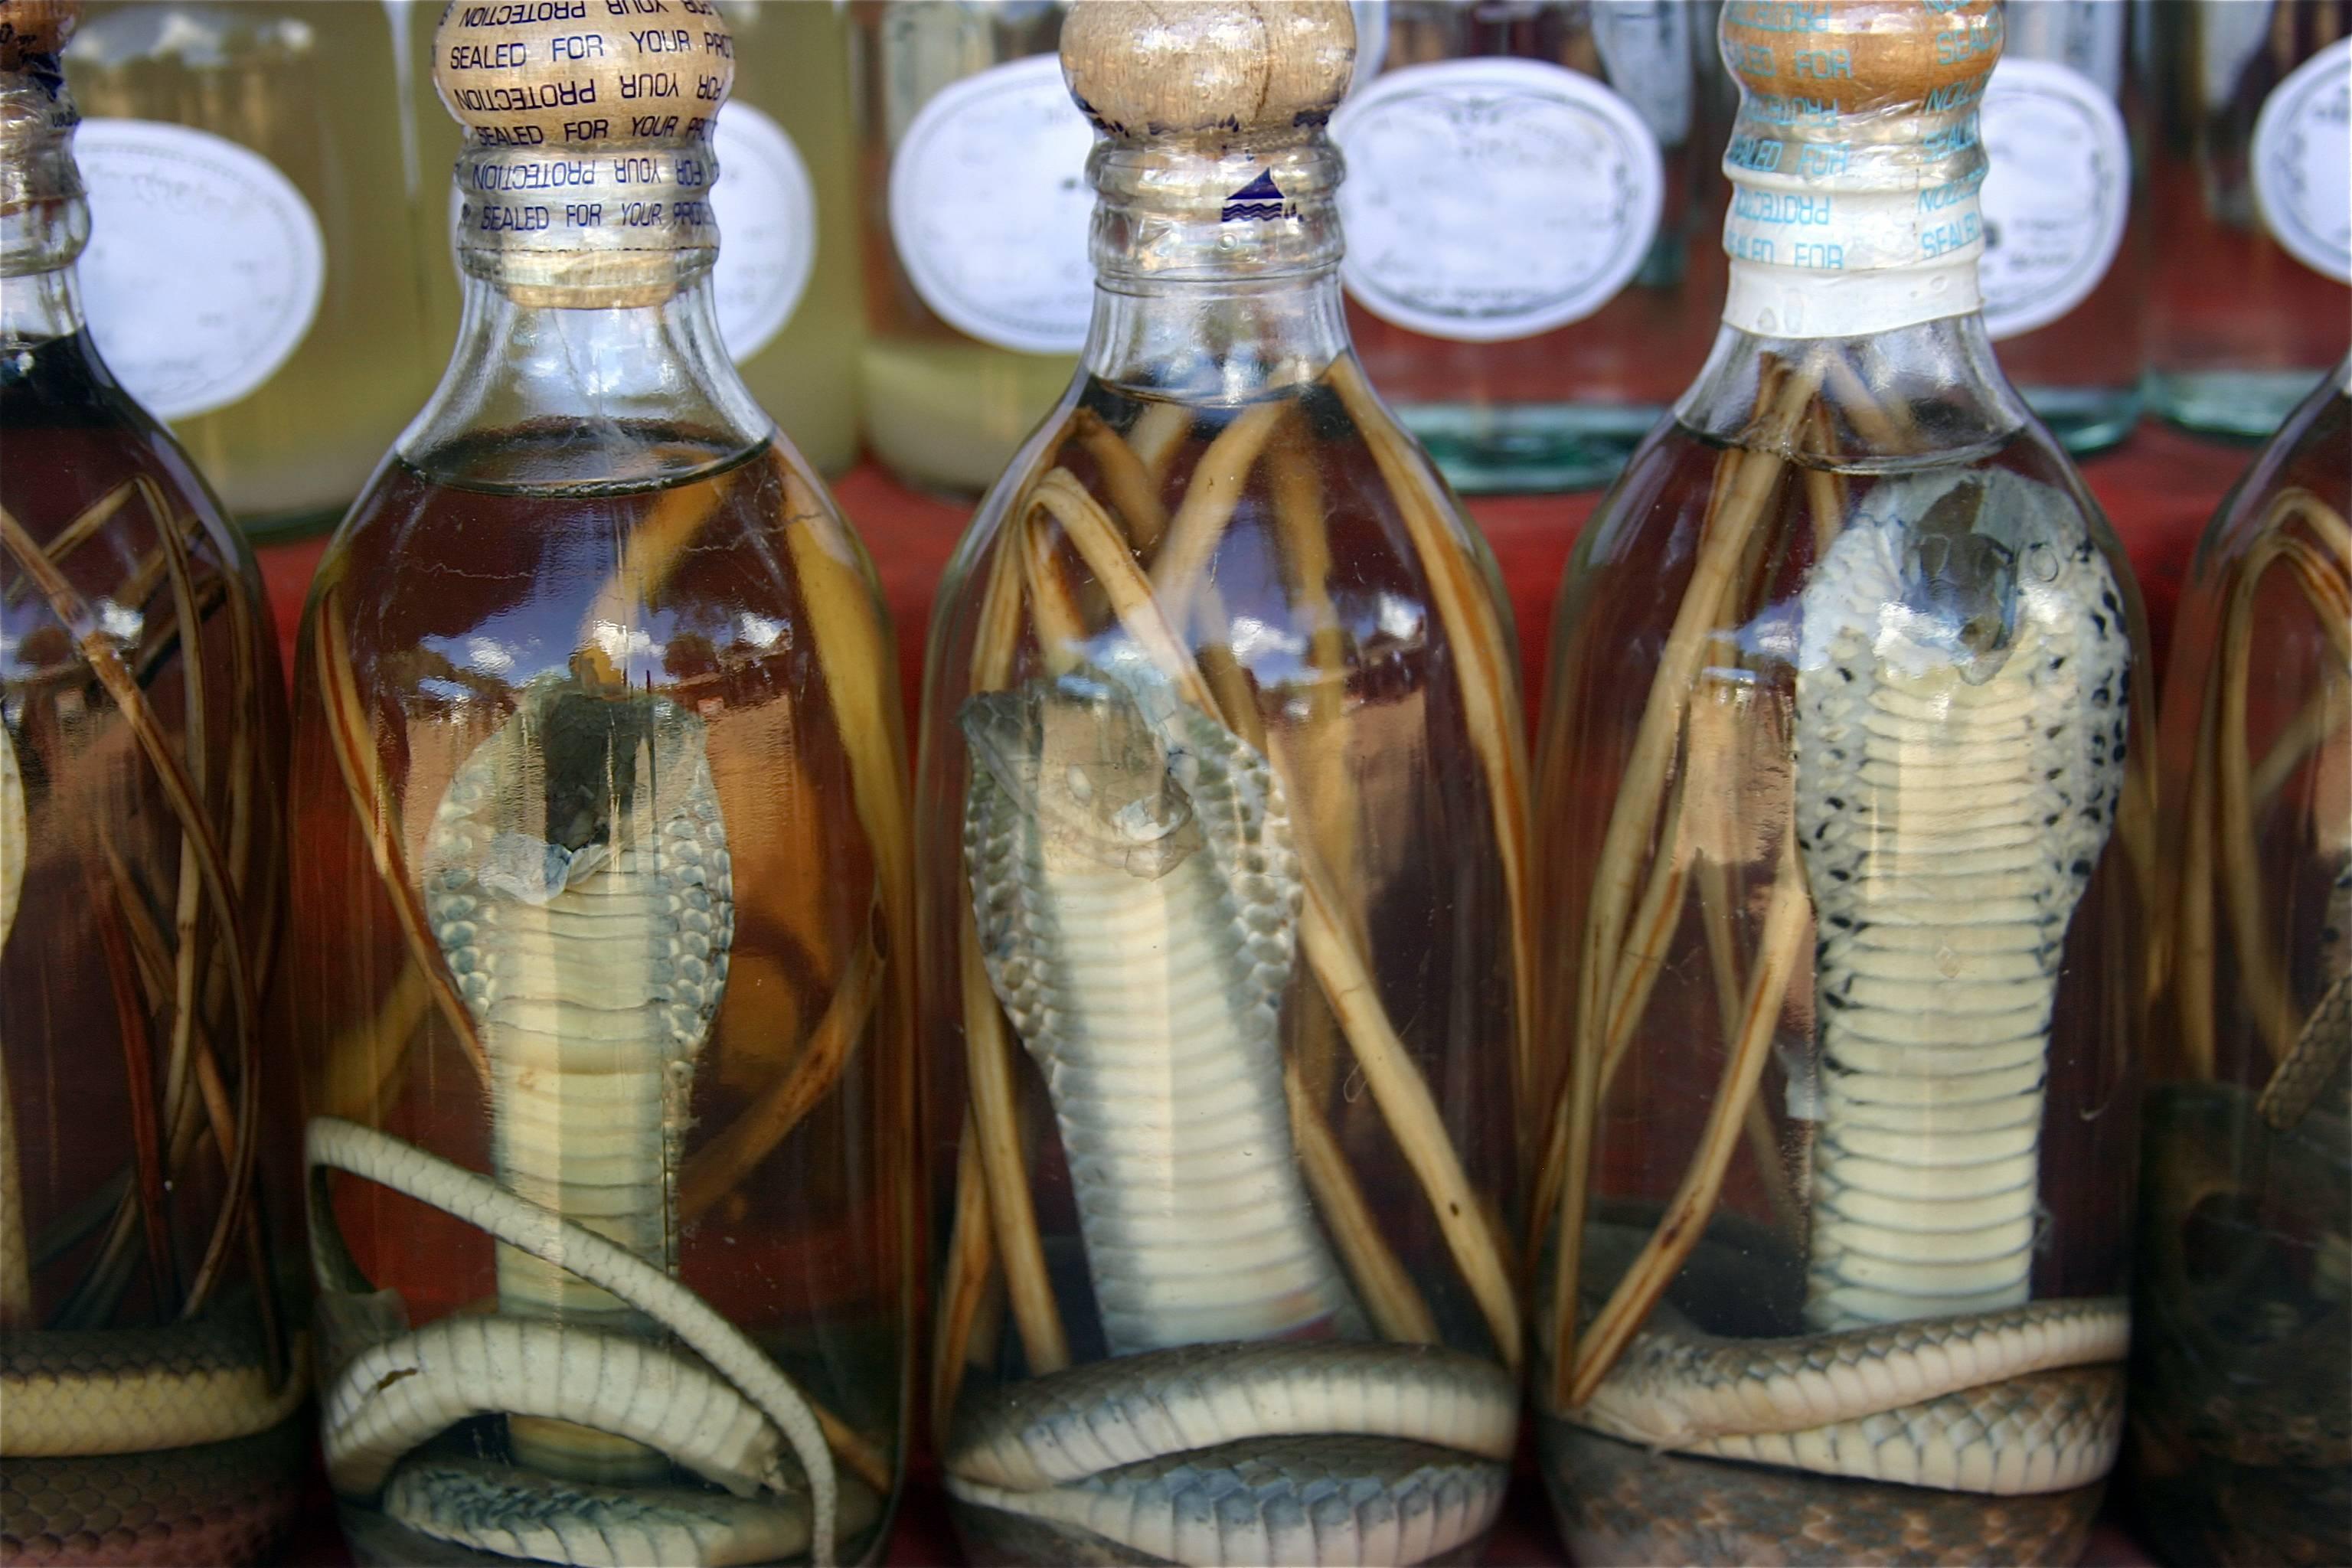 Как называется китайская рисовая водка, традиционная водка 60 градусов moutai и байцю, алкоголь в китае